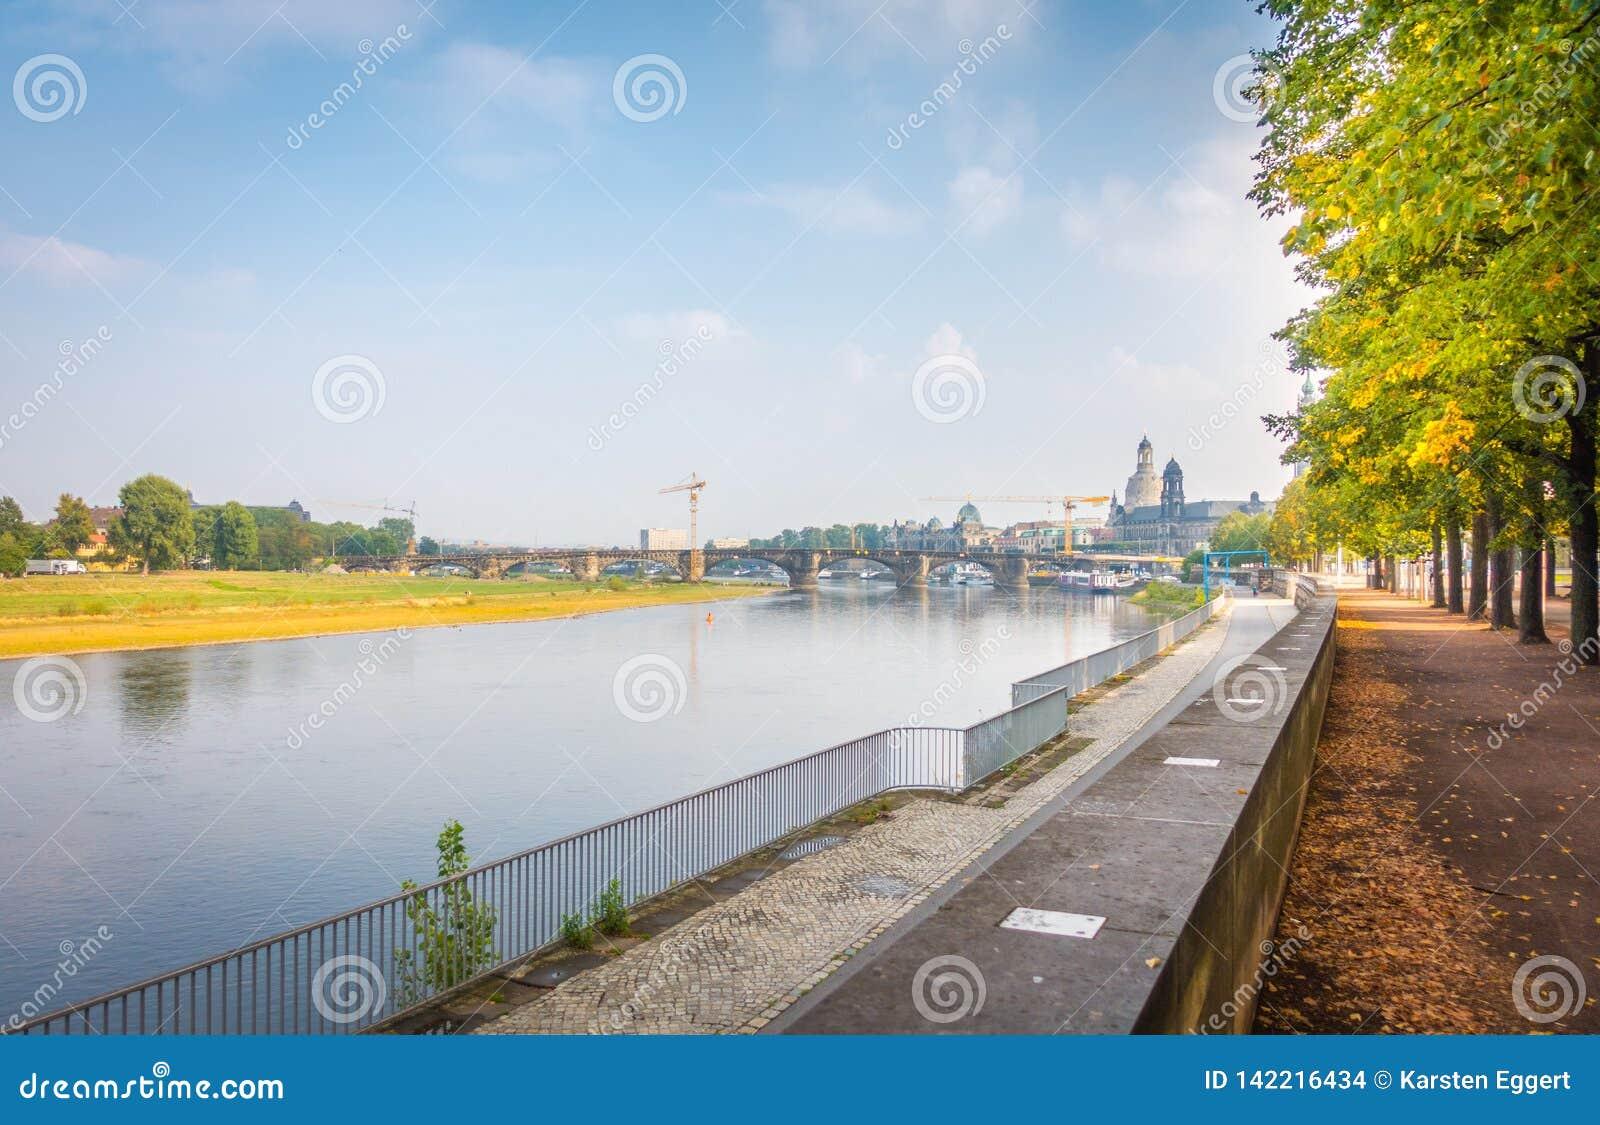 Банки Эльбы в Дрездене